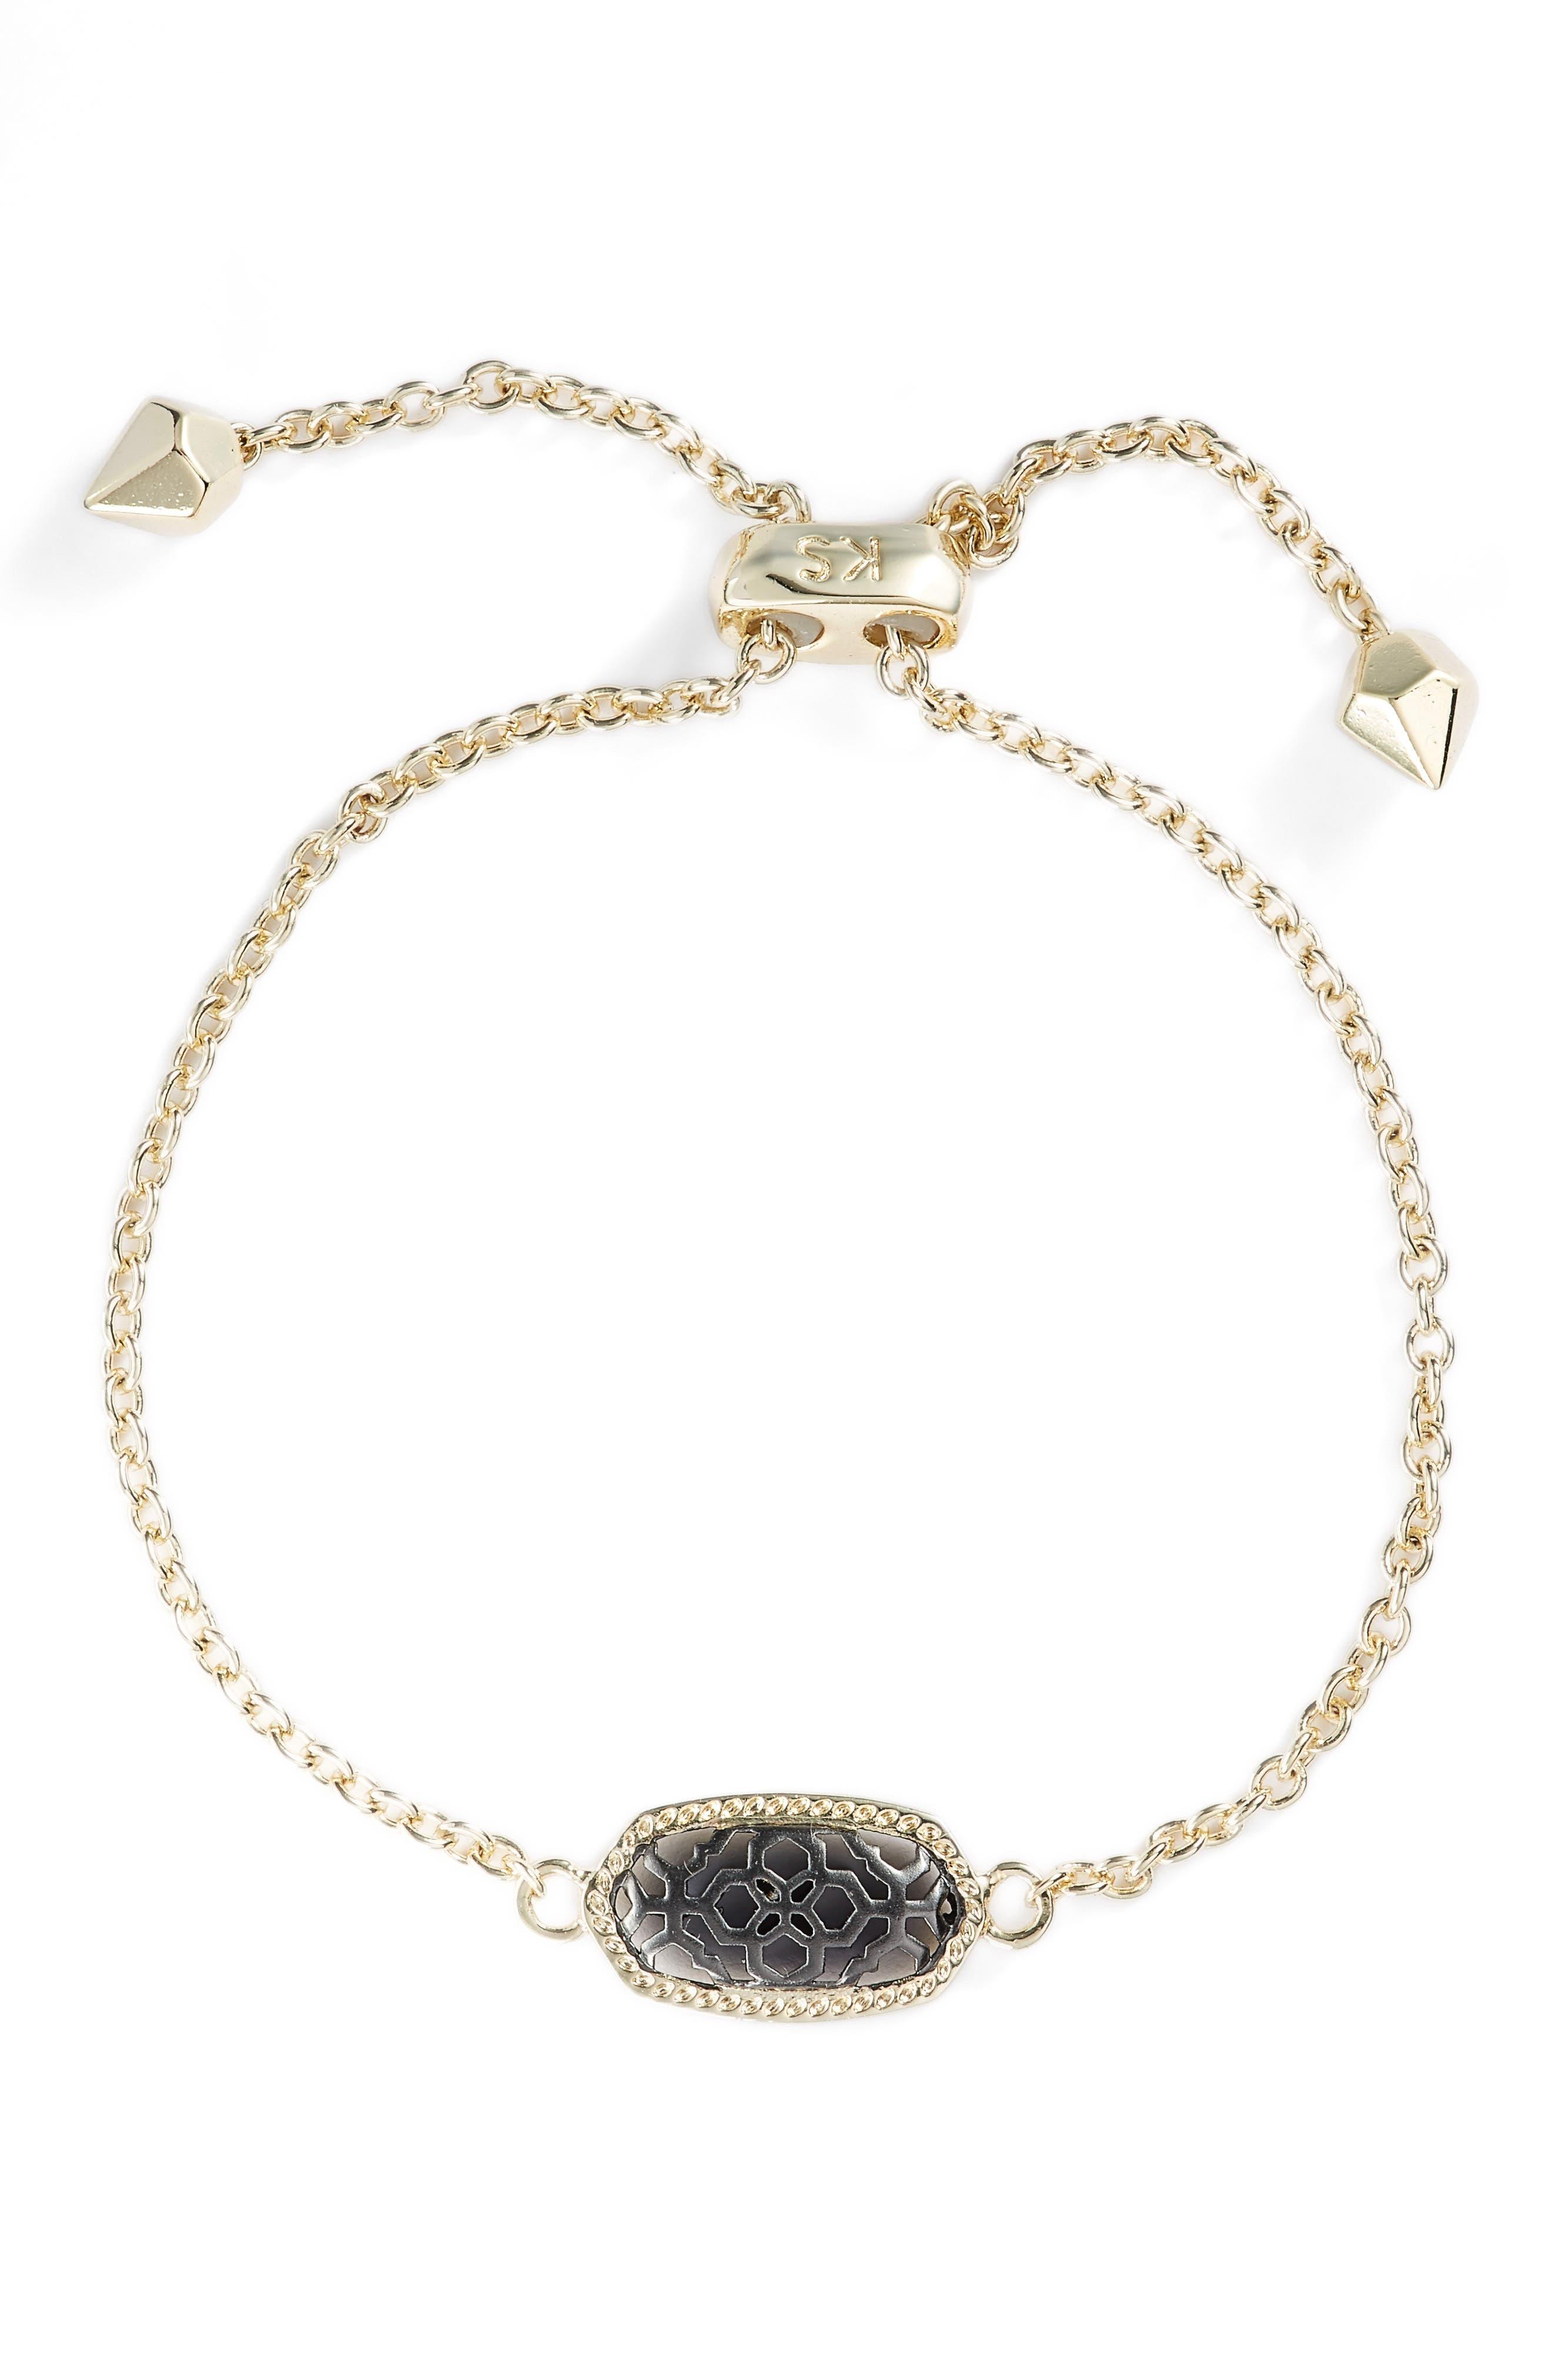 Kendra Scott Elaina Openwork Bracelet